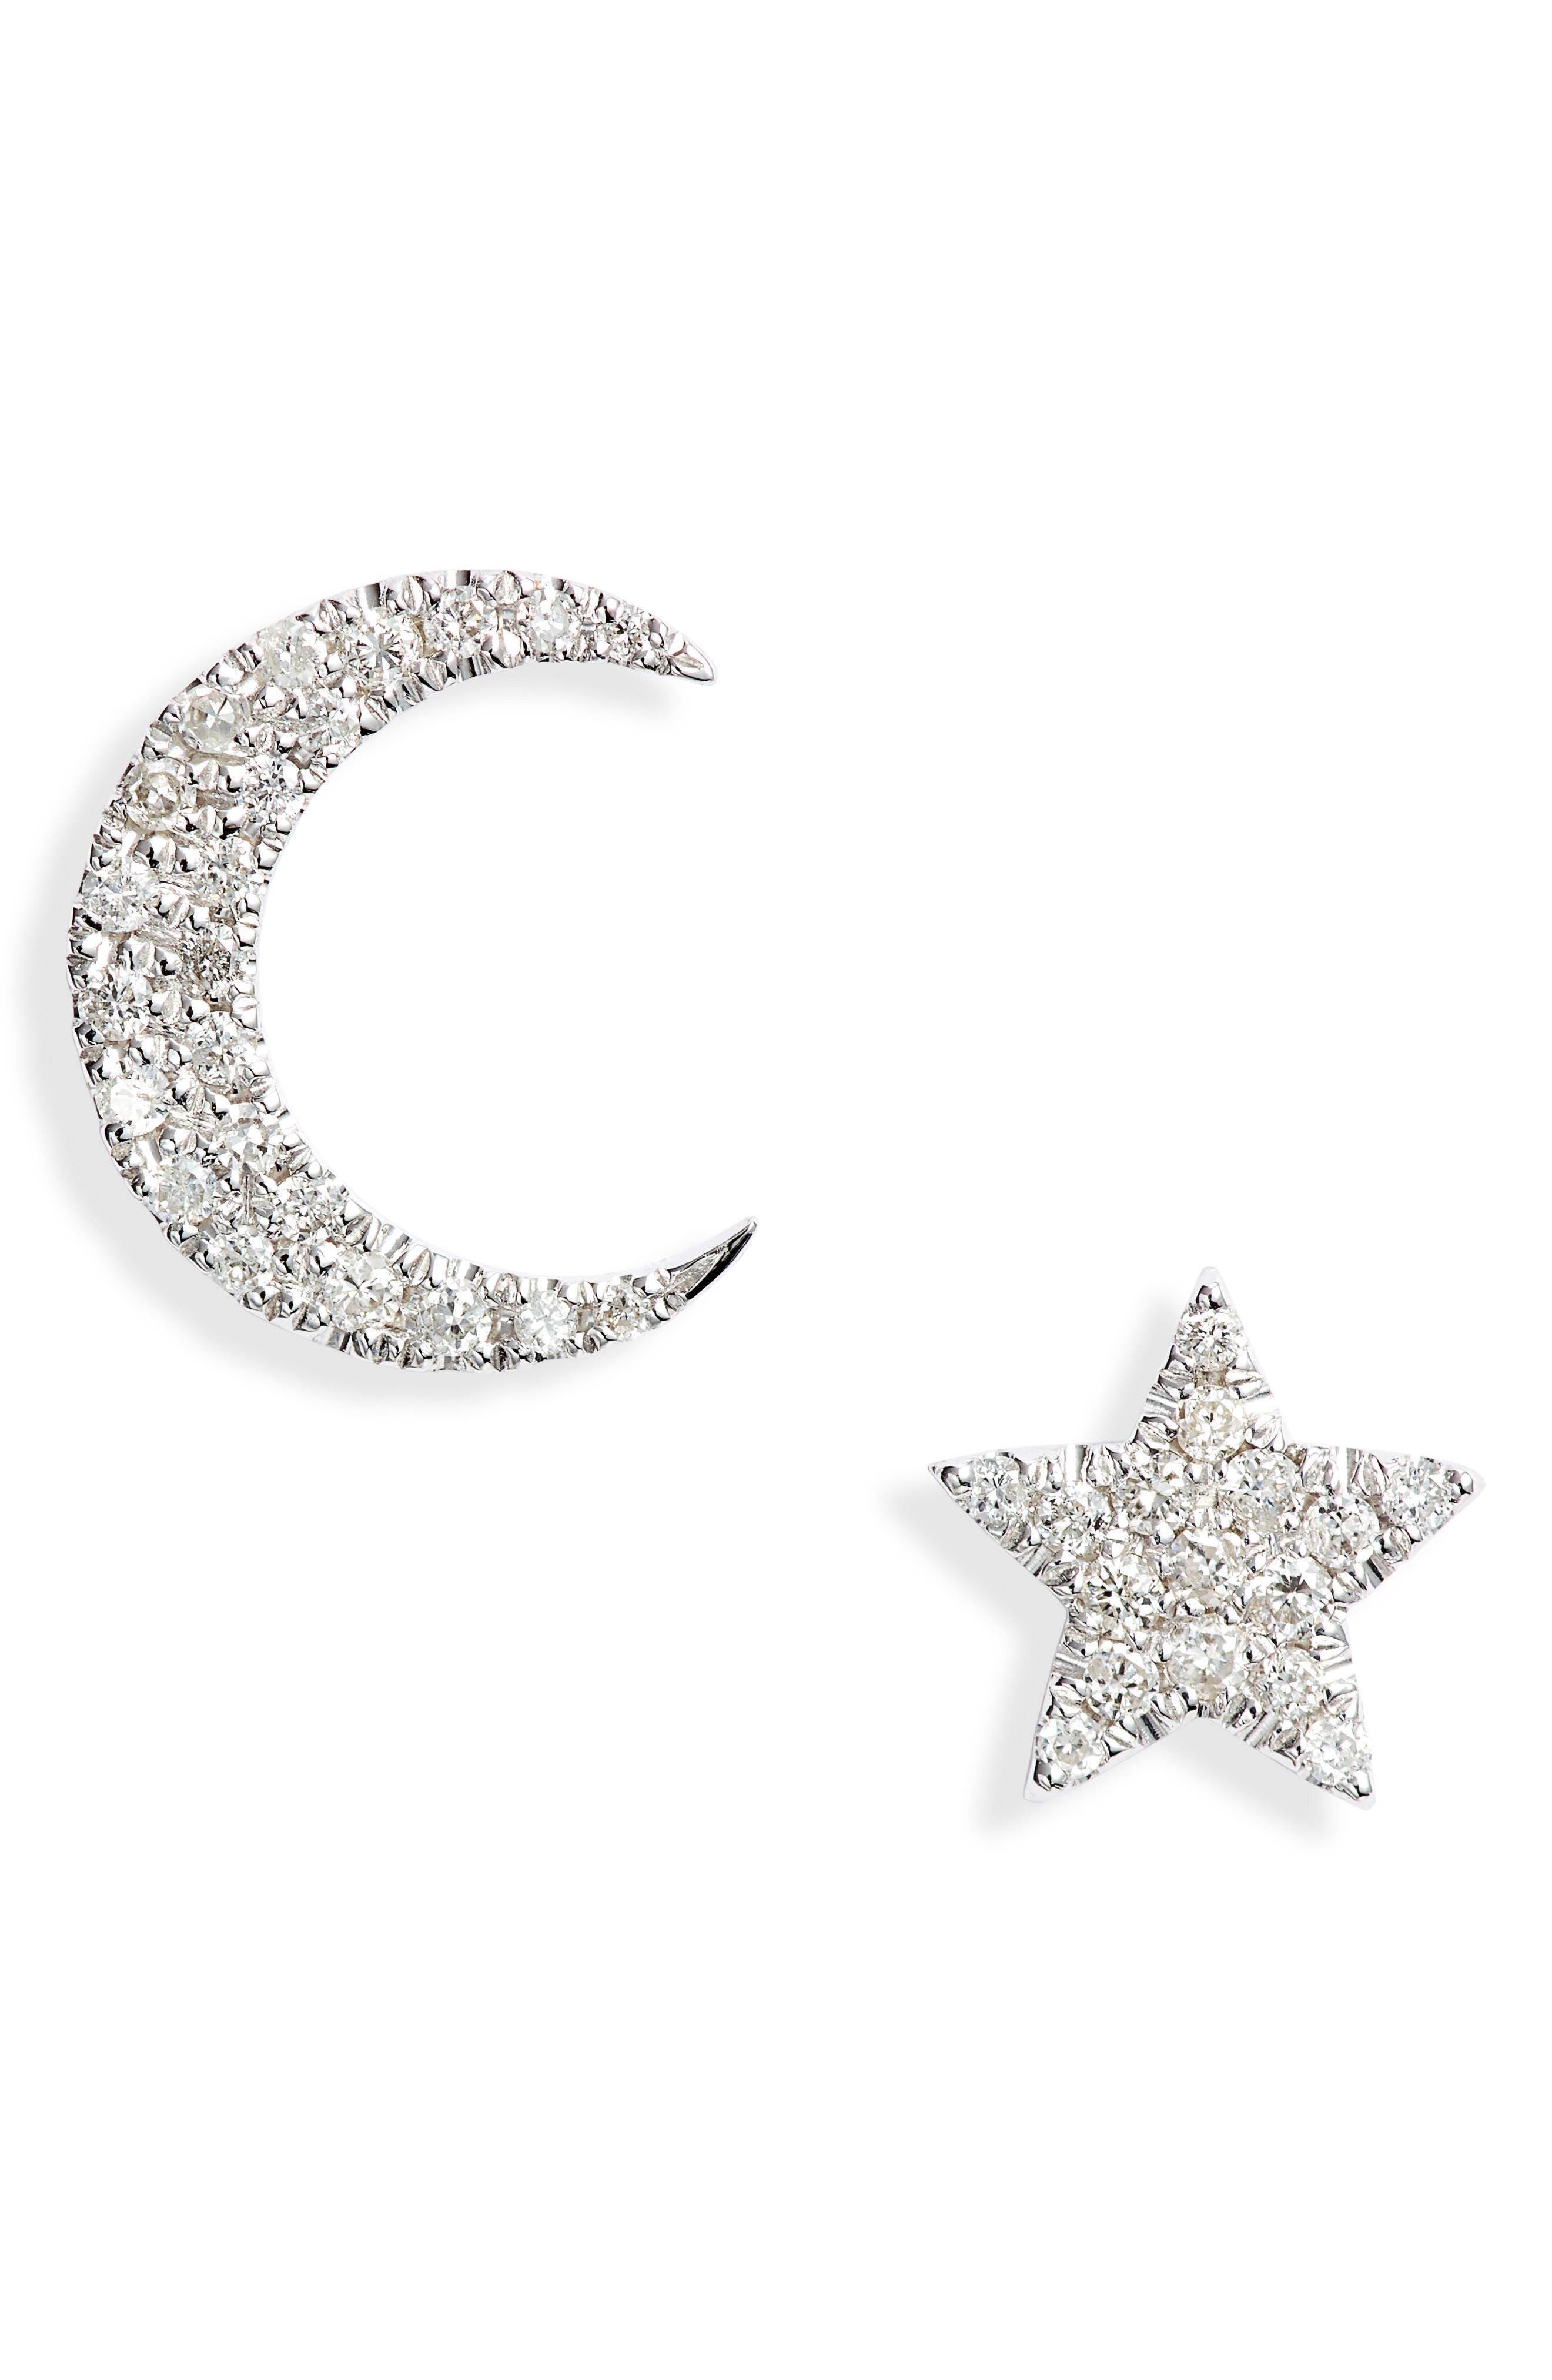 Mismatched Diamond Stud Earrings